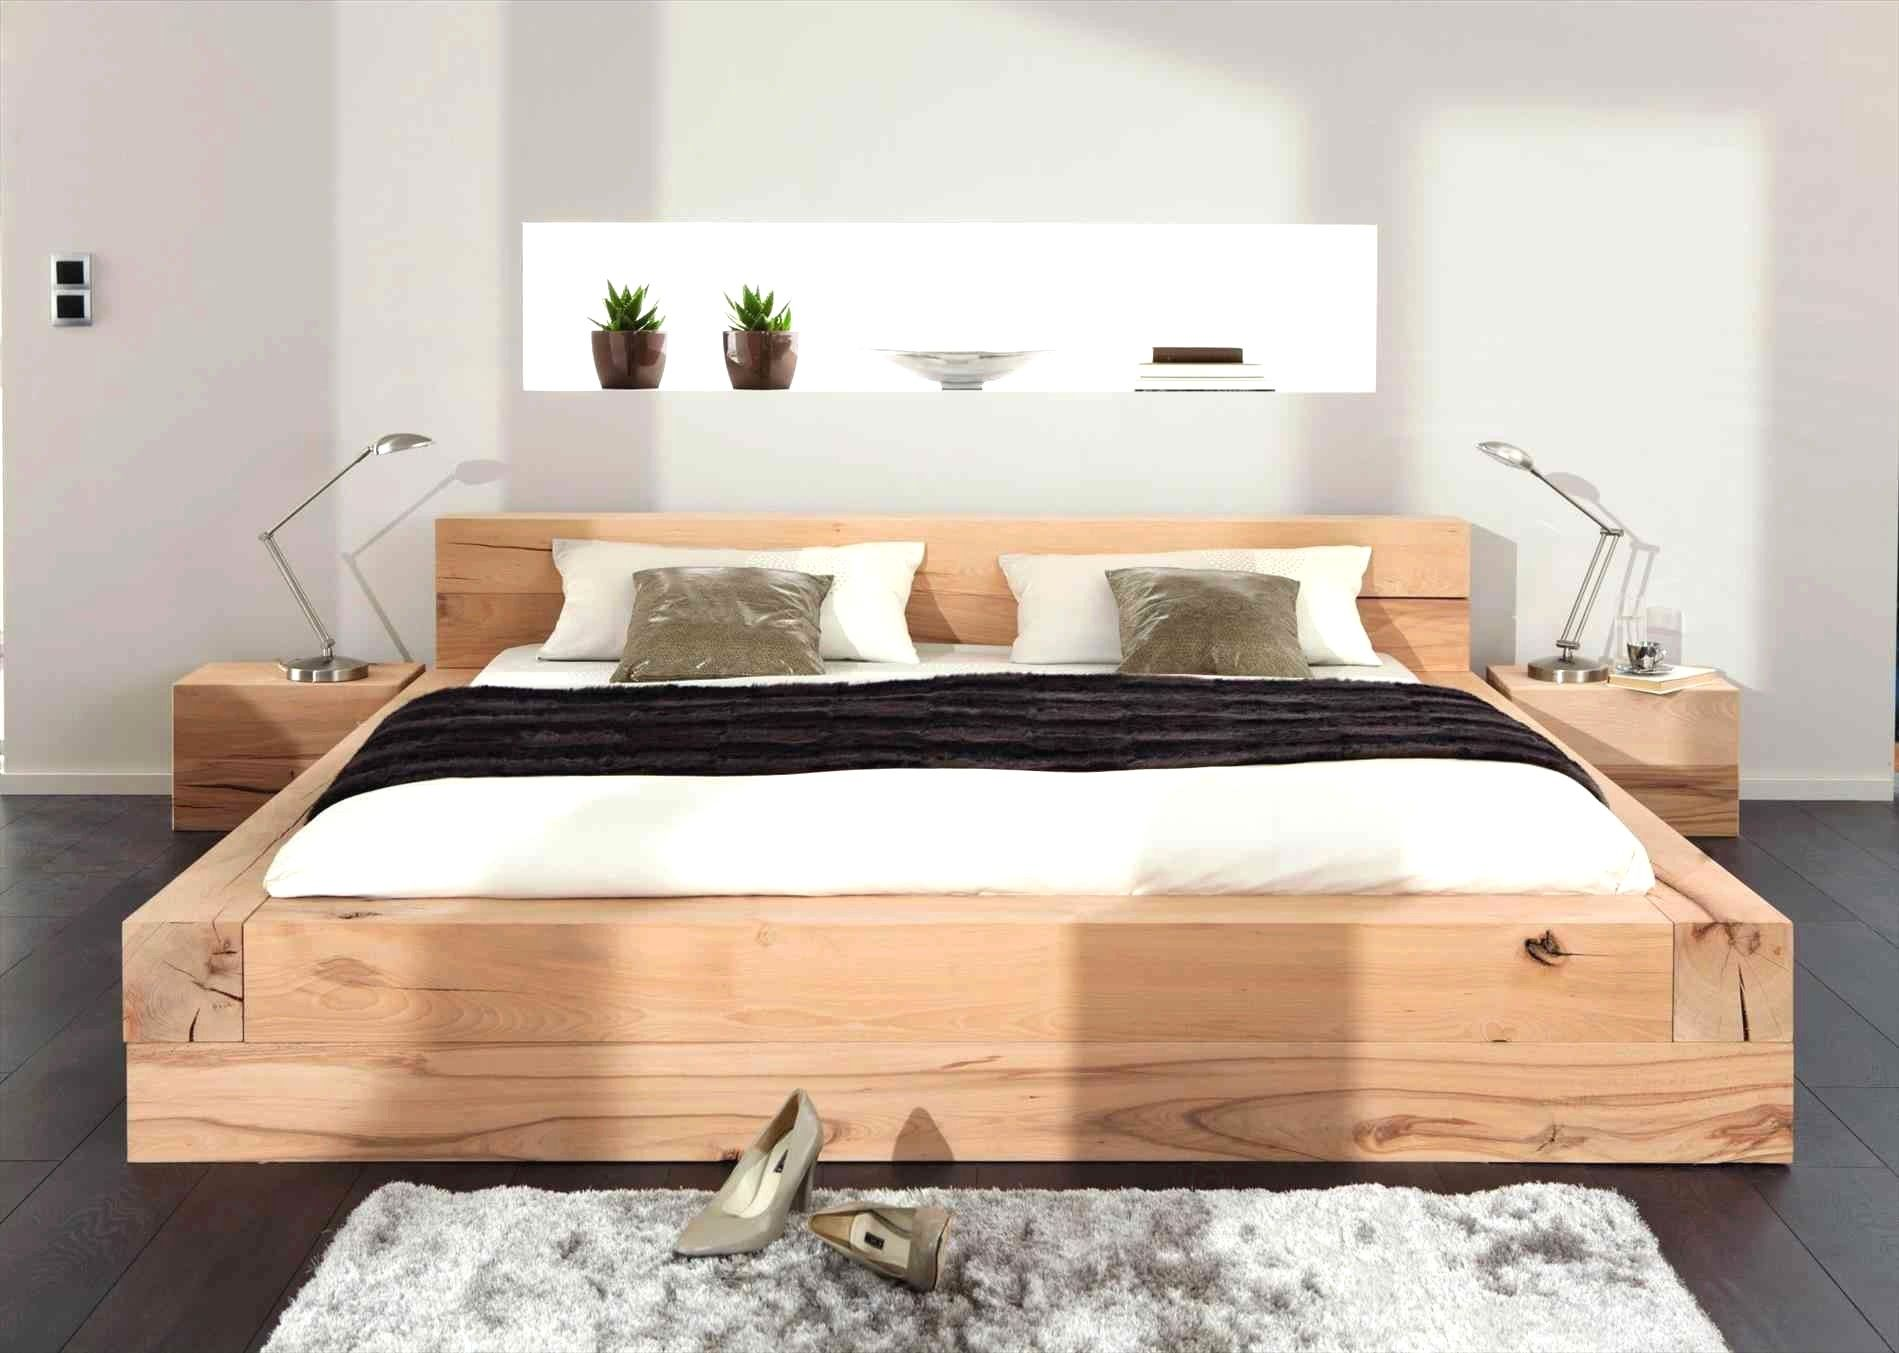 Massiv Blox Bett Bauhaus Anleitung Und Wohnen Haus Interieurs Mobelstuck